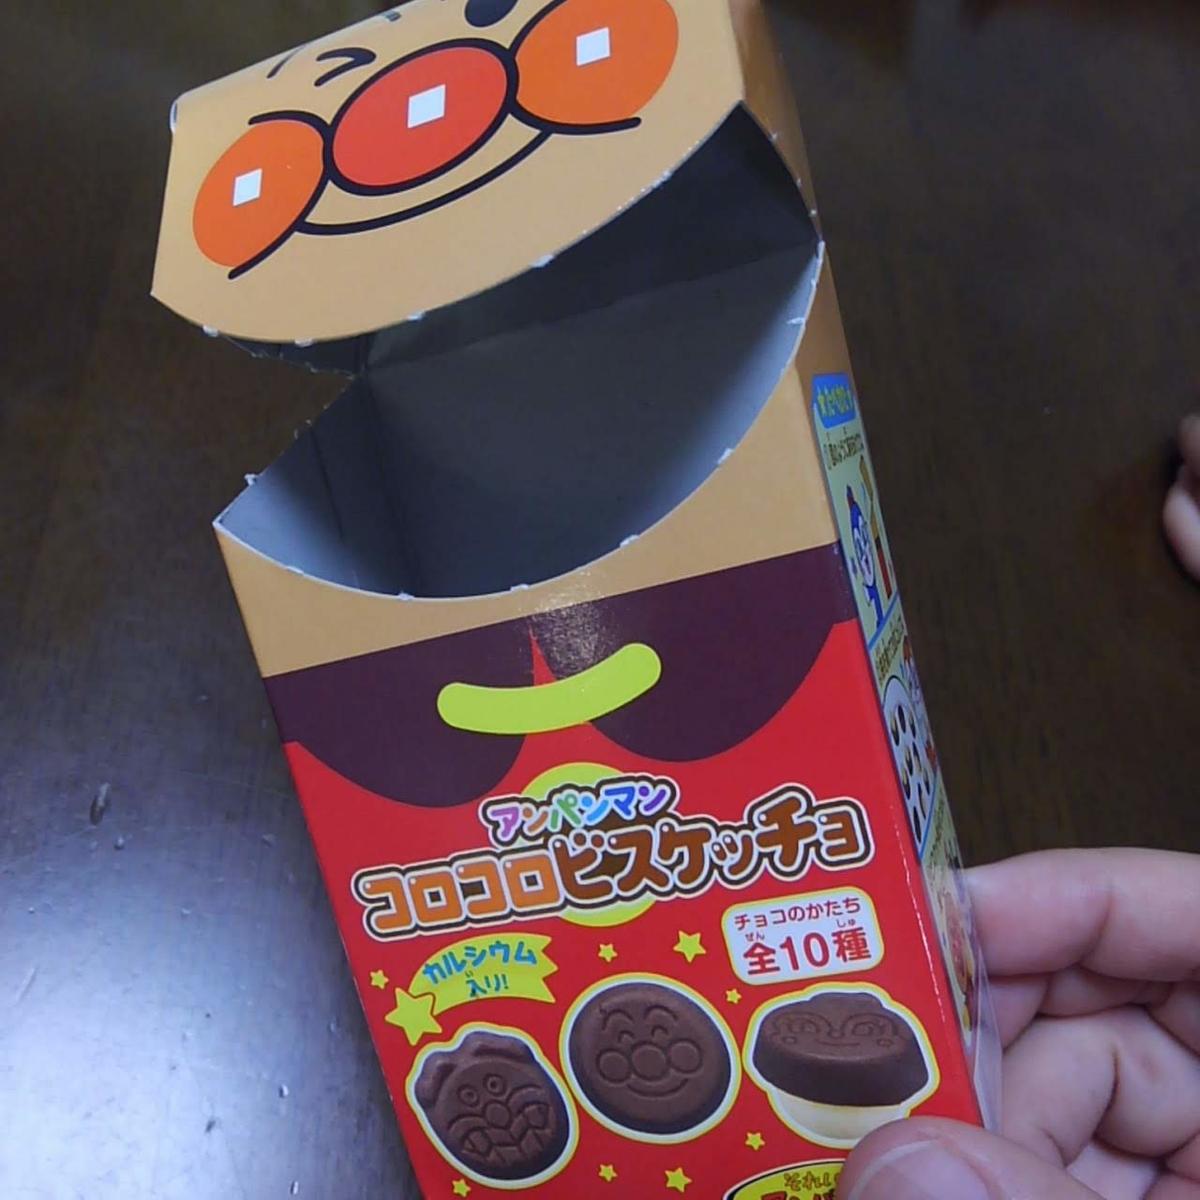 0円工作 アンパンマン ソフトクリーム屋さん